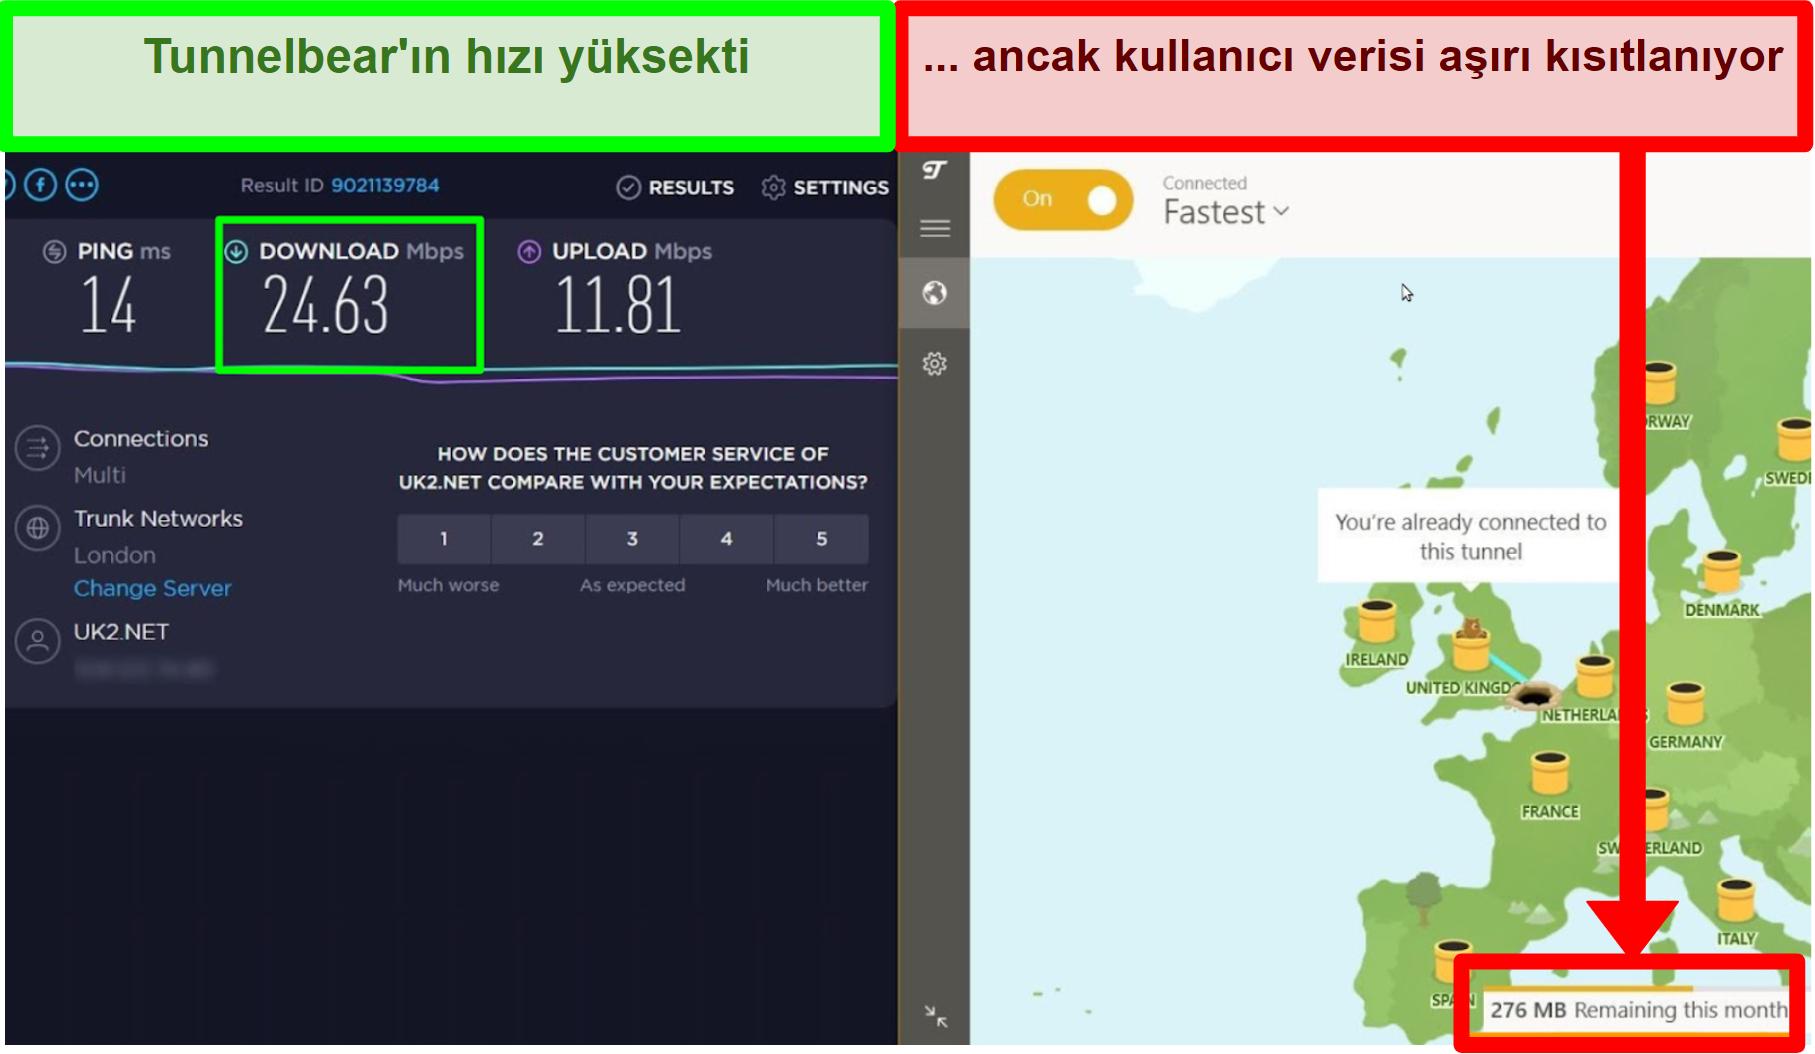 TunnelBear'ın iyi hızları var, ancak kullanıcı verilerini sınırlıyor